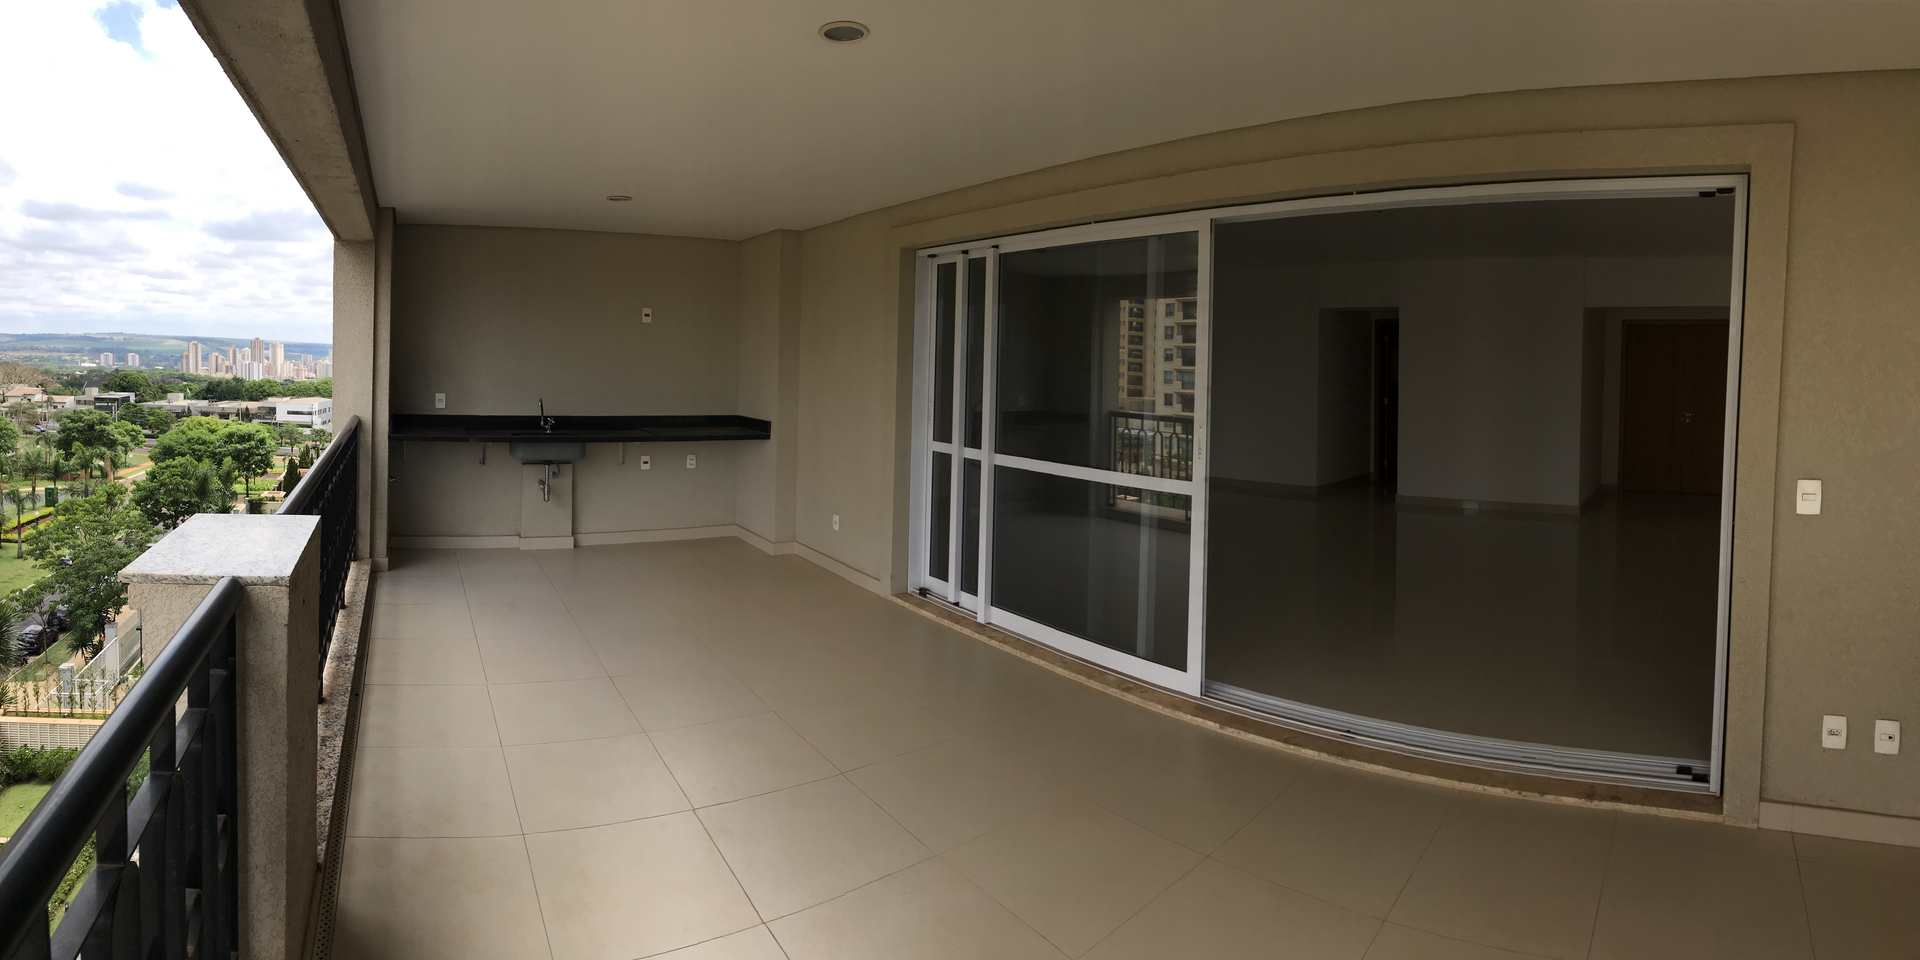 Apartamento com 4 dorms, Residencial Morro do Ipê, Ribeirão Preto - R$ 2 mi, Cod: 1722086